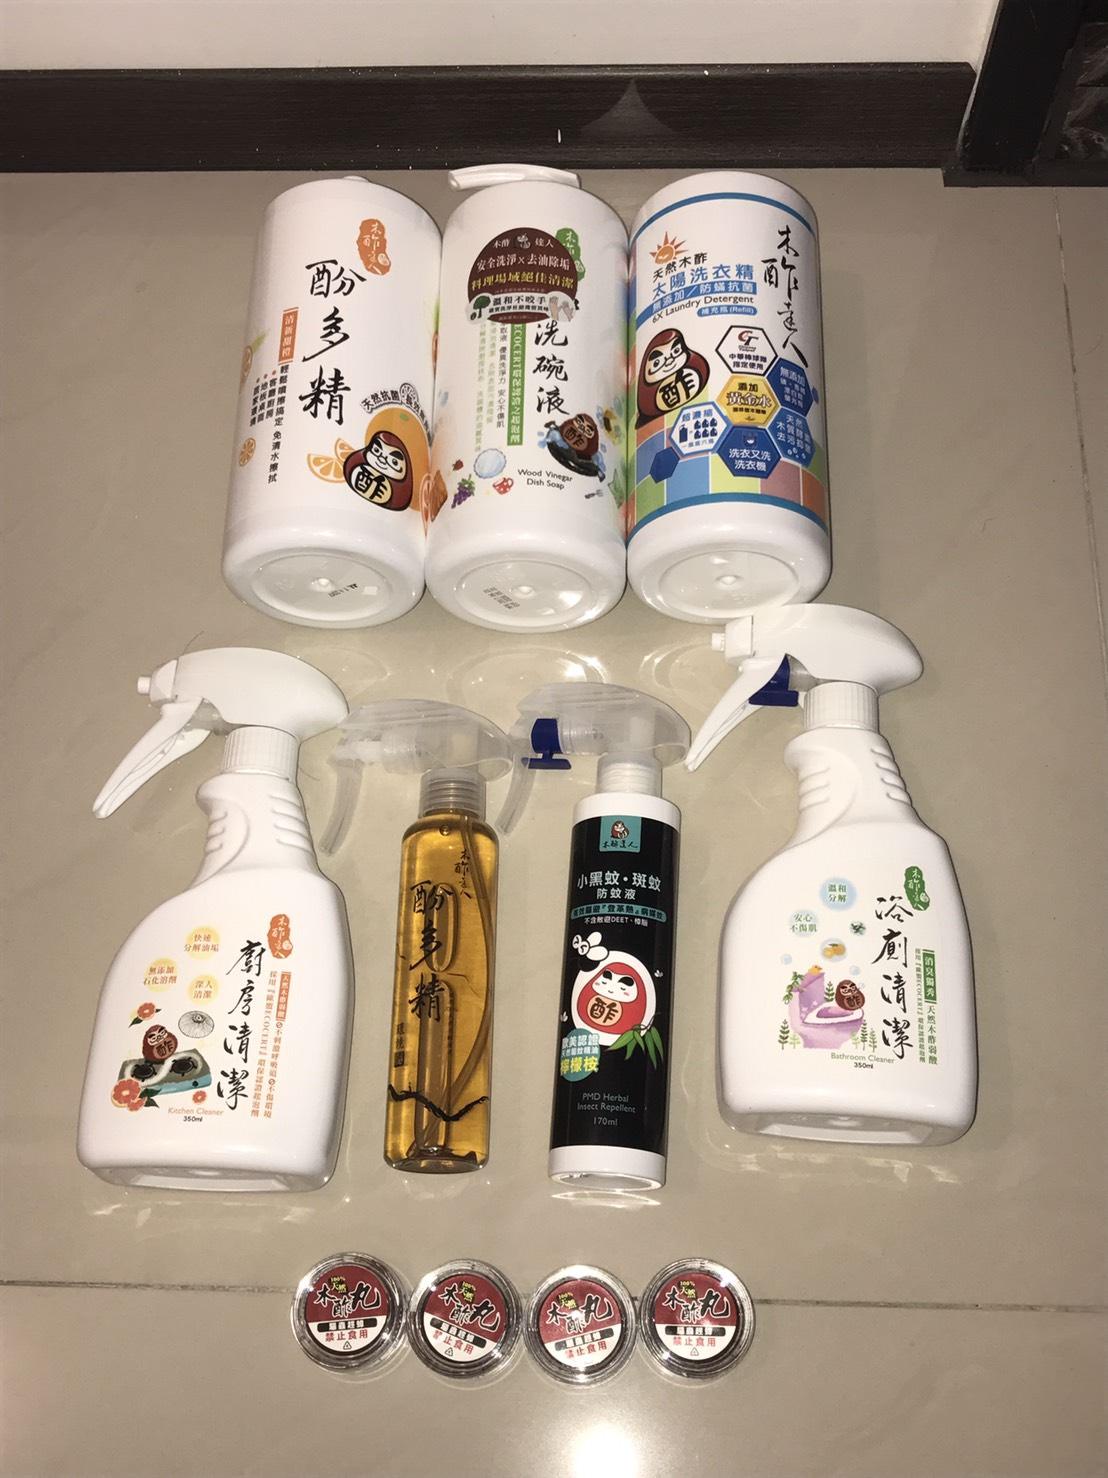 『居家團』無法錯過的環保天然級的清潔系列-木酢達人系列